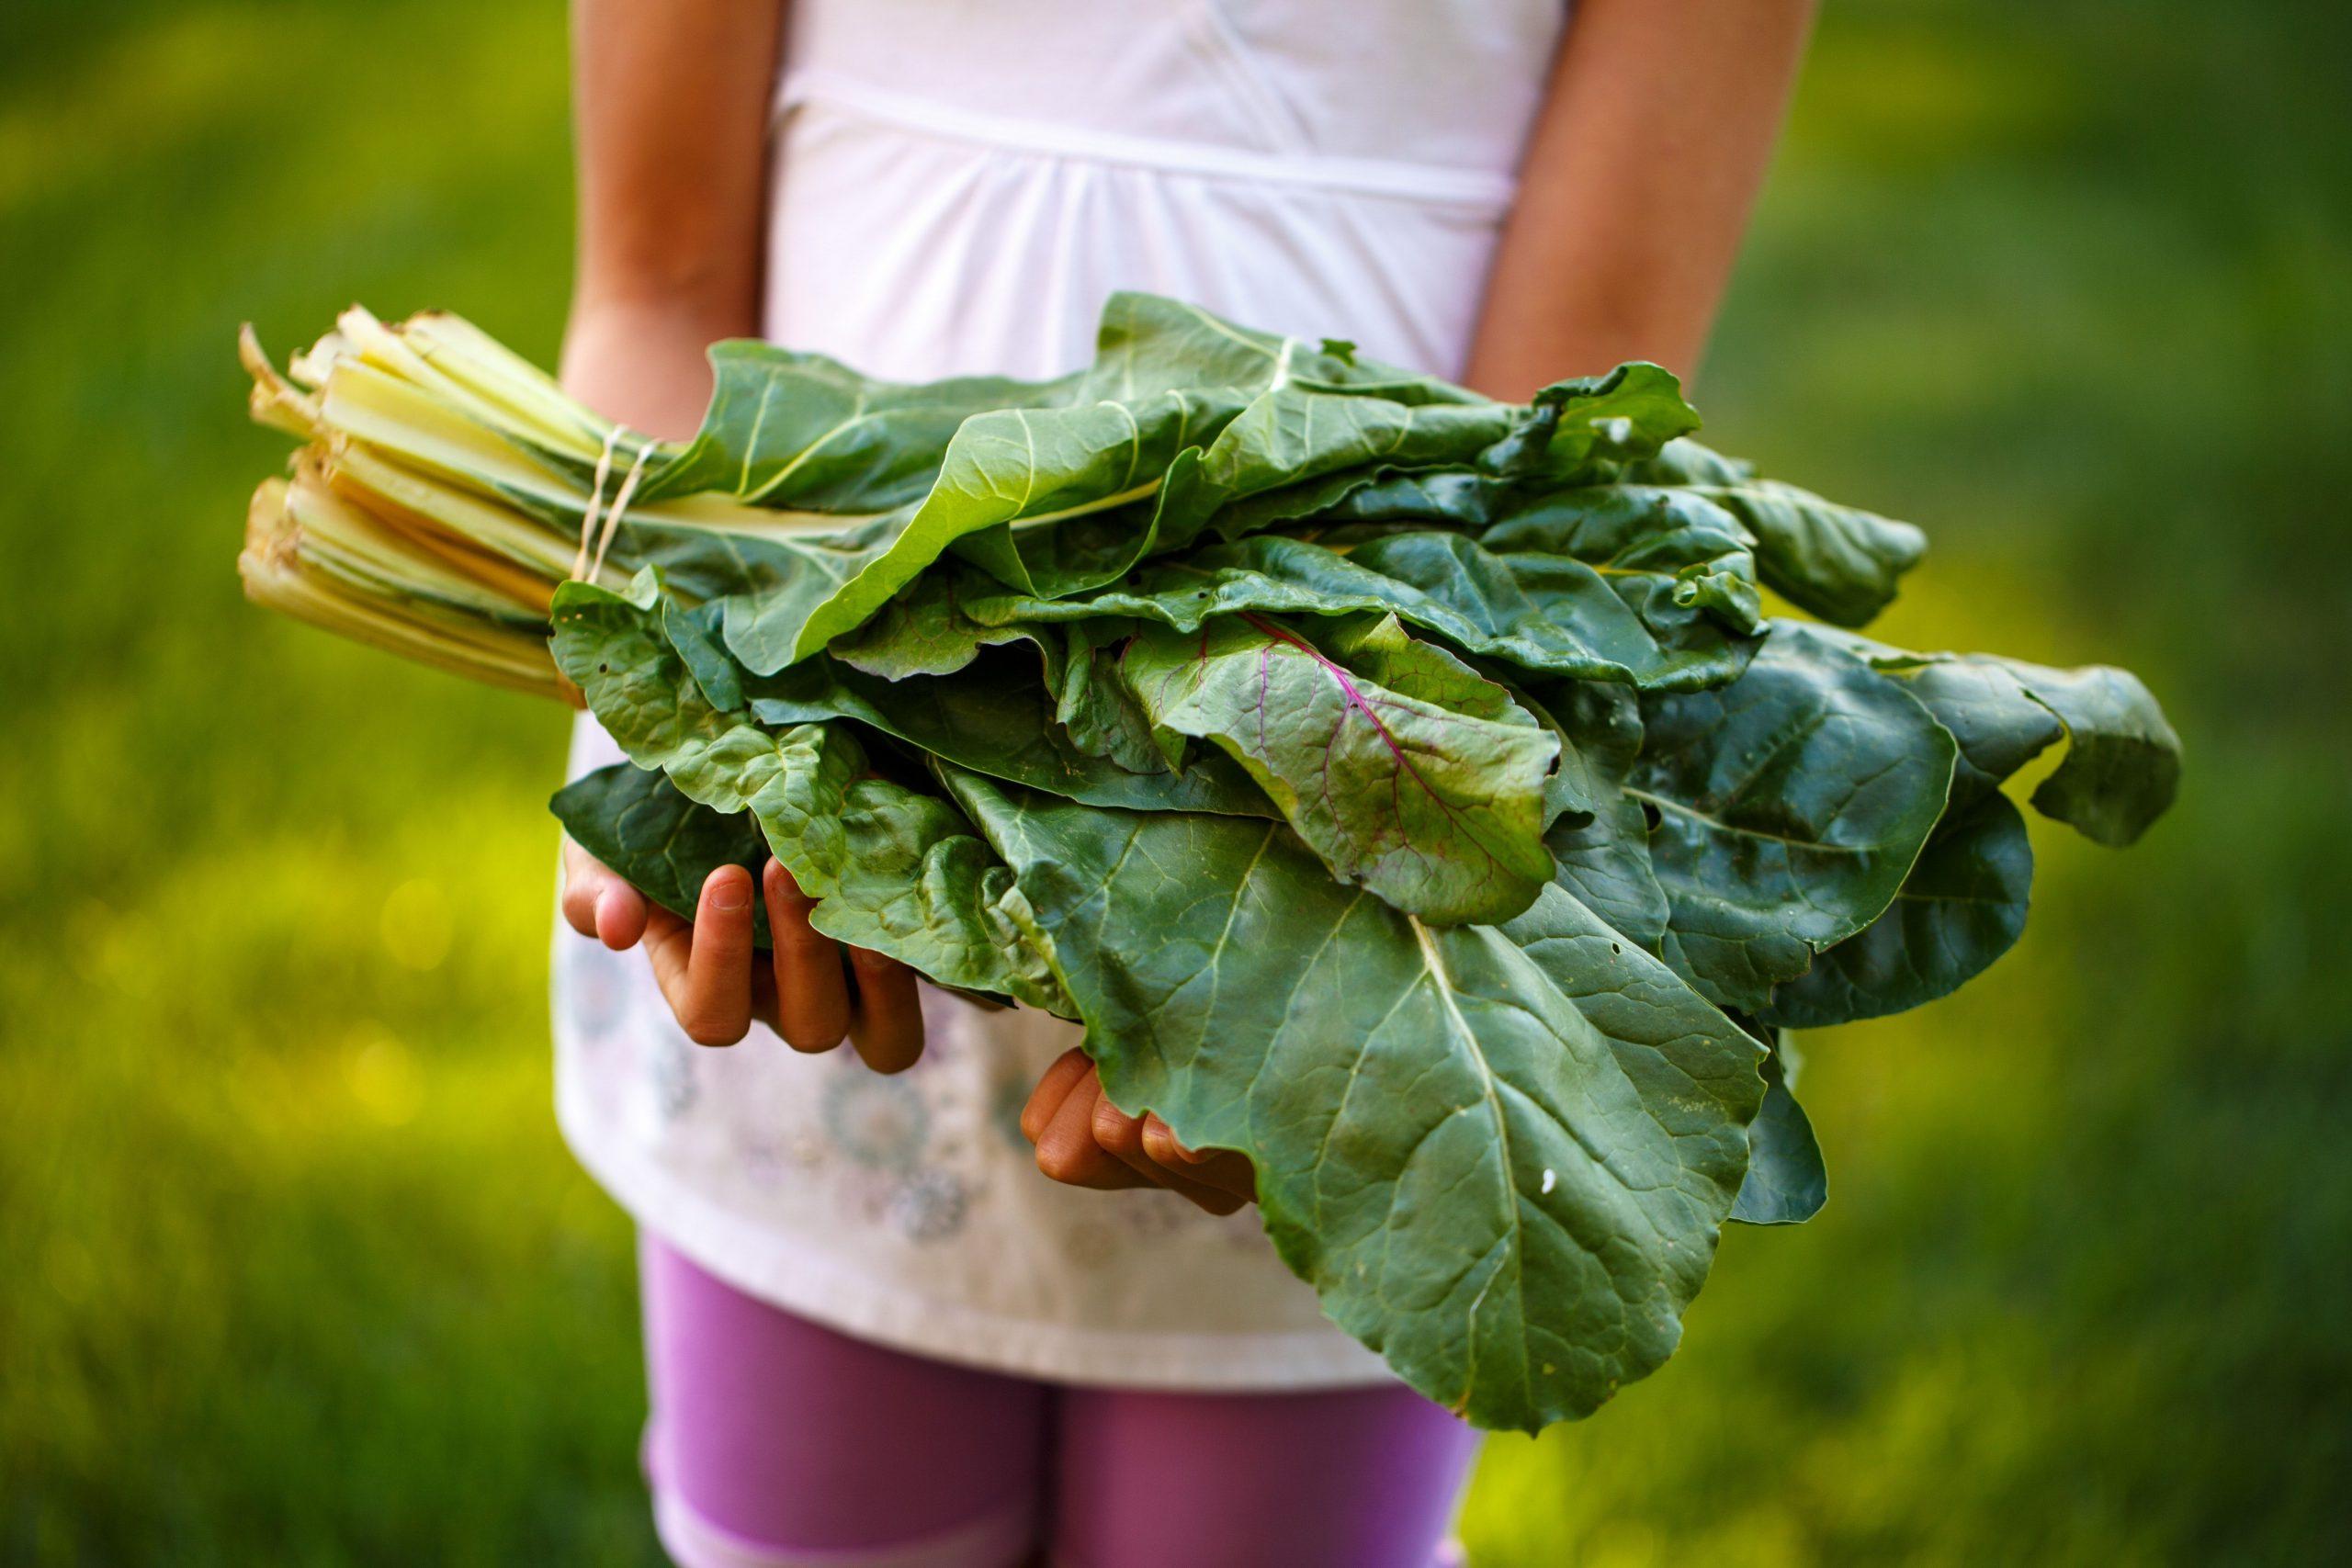 Eine junge Frau trägt vielfärbiges Gemüse, Mangold, in ihren Händen